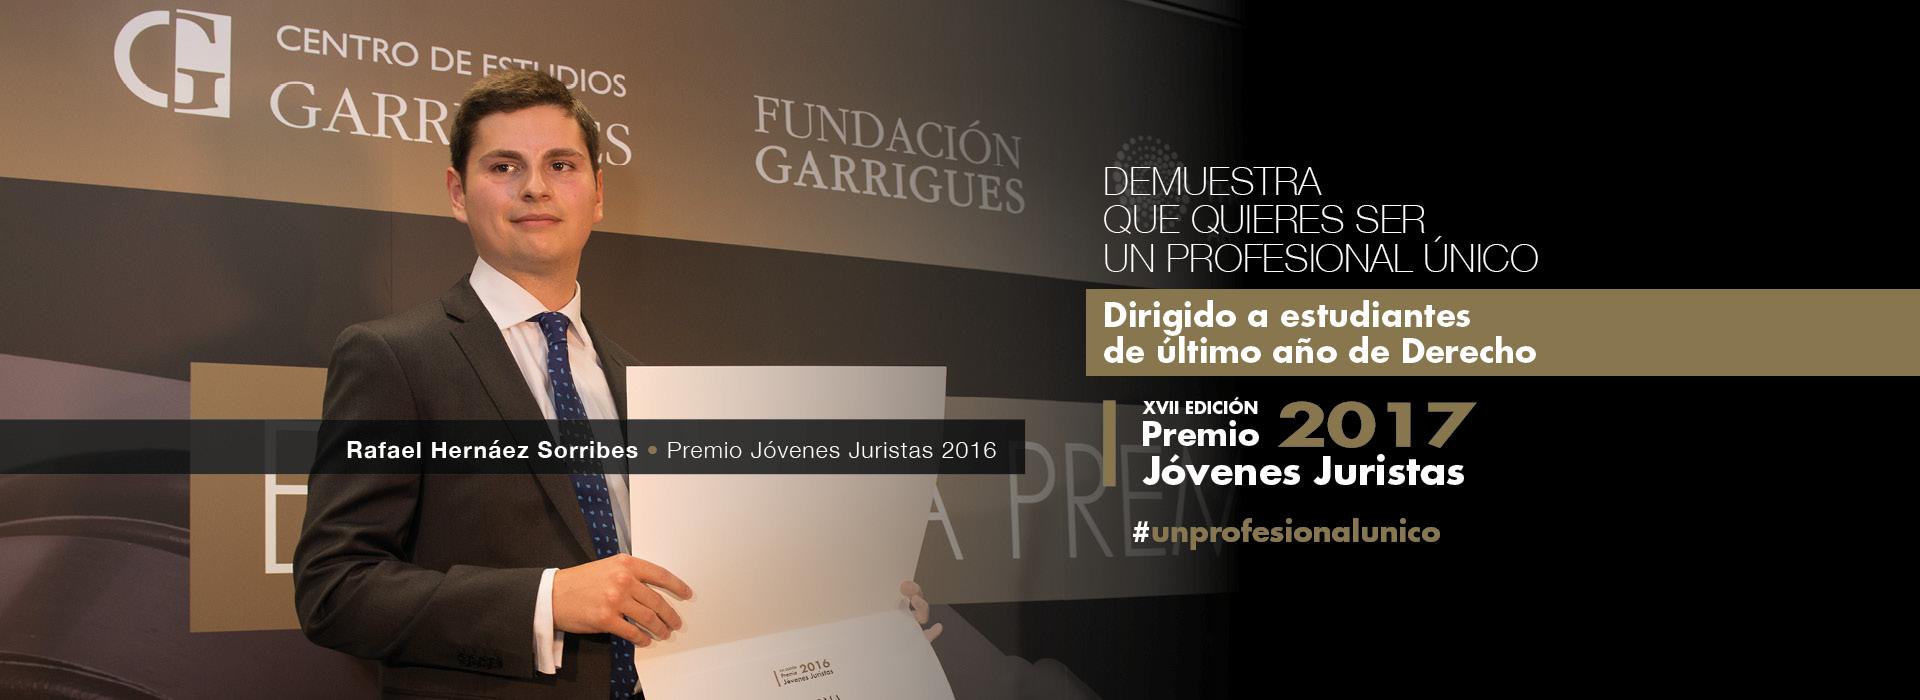 ceg_slide_premio_jovenes_juristas